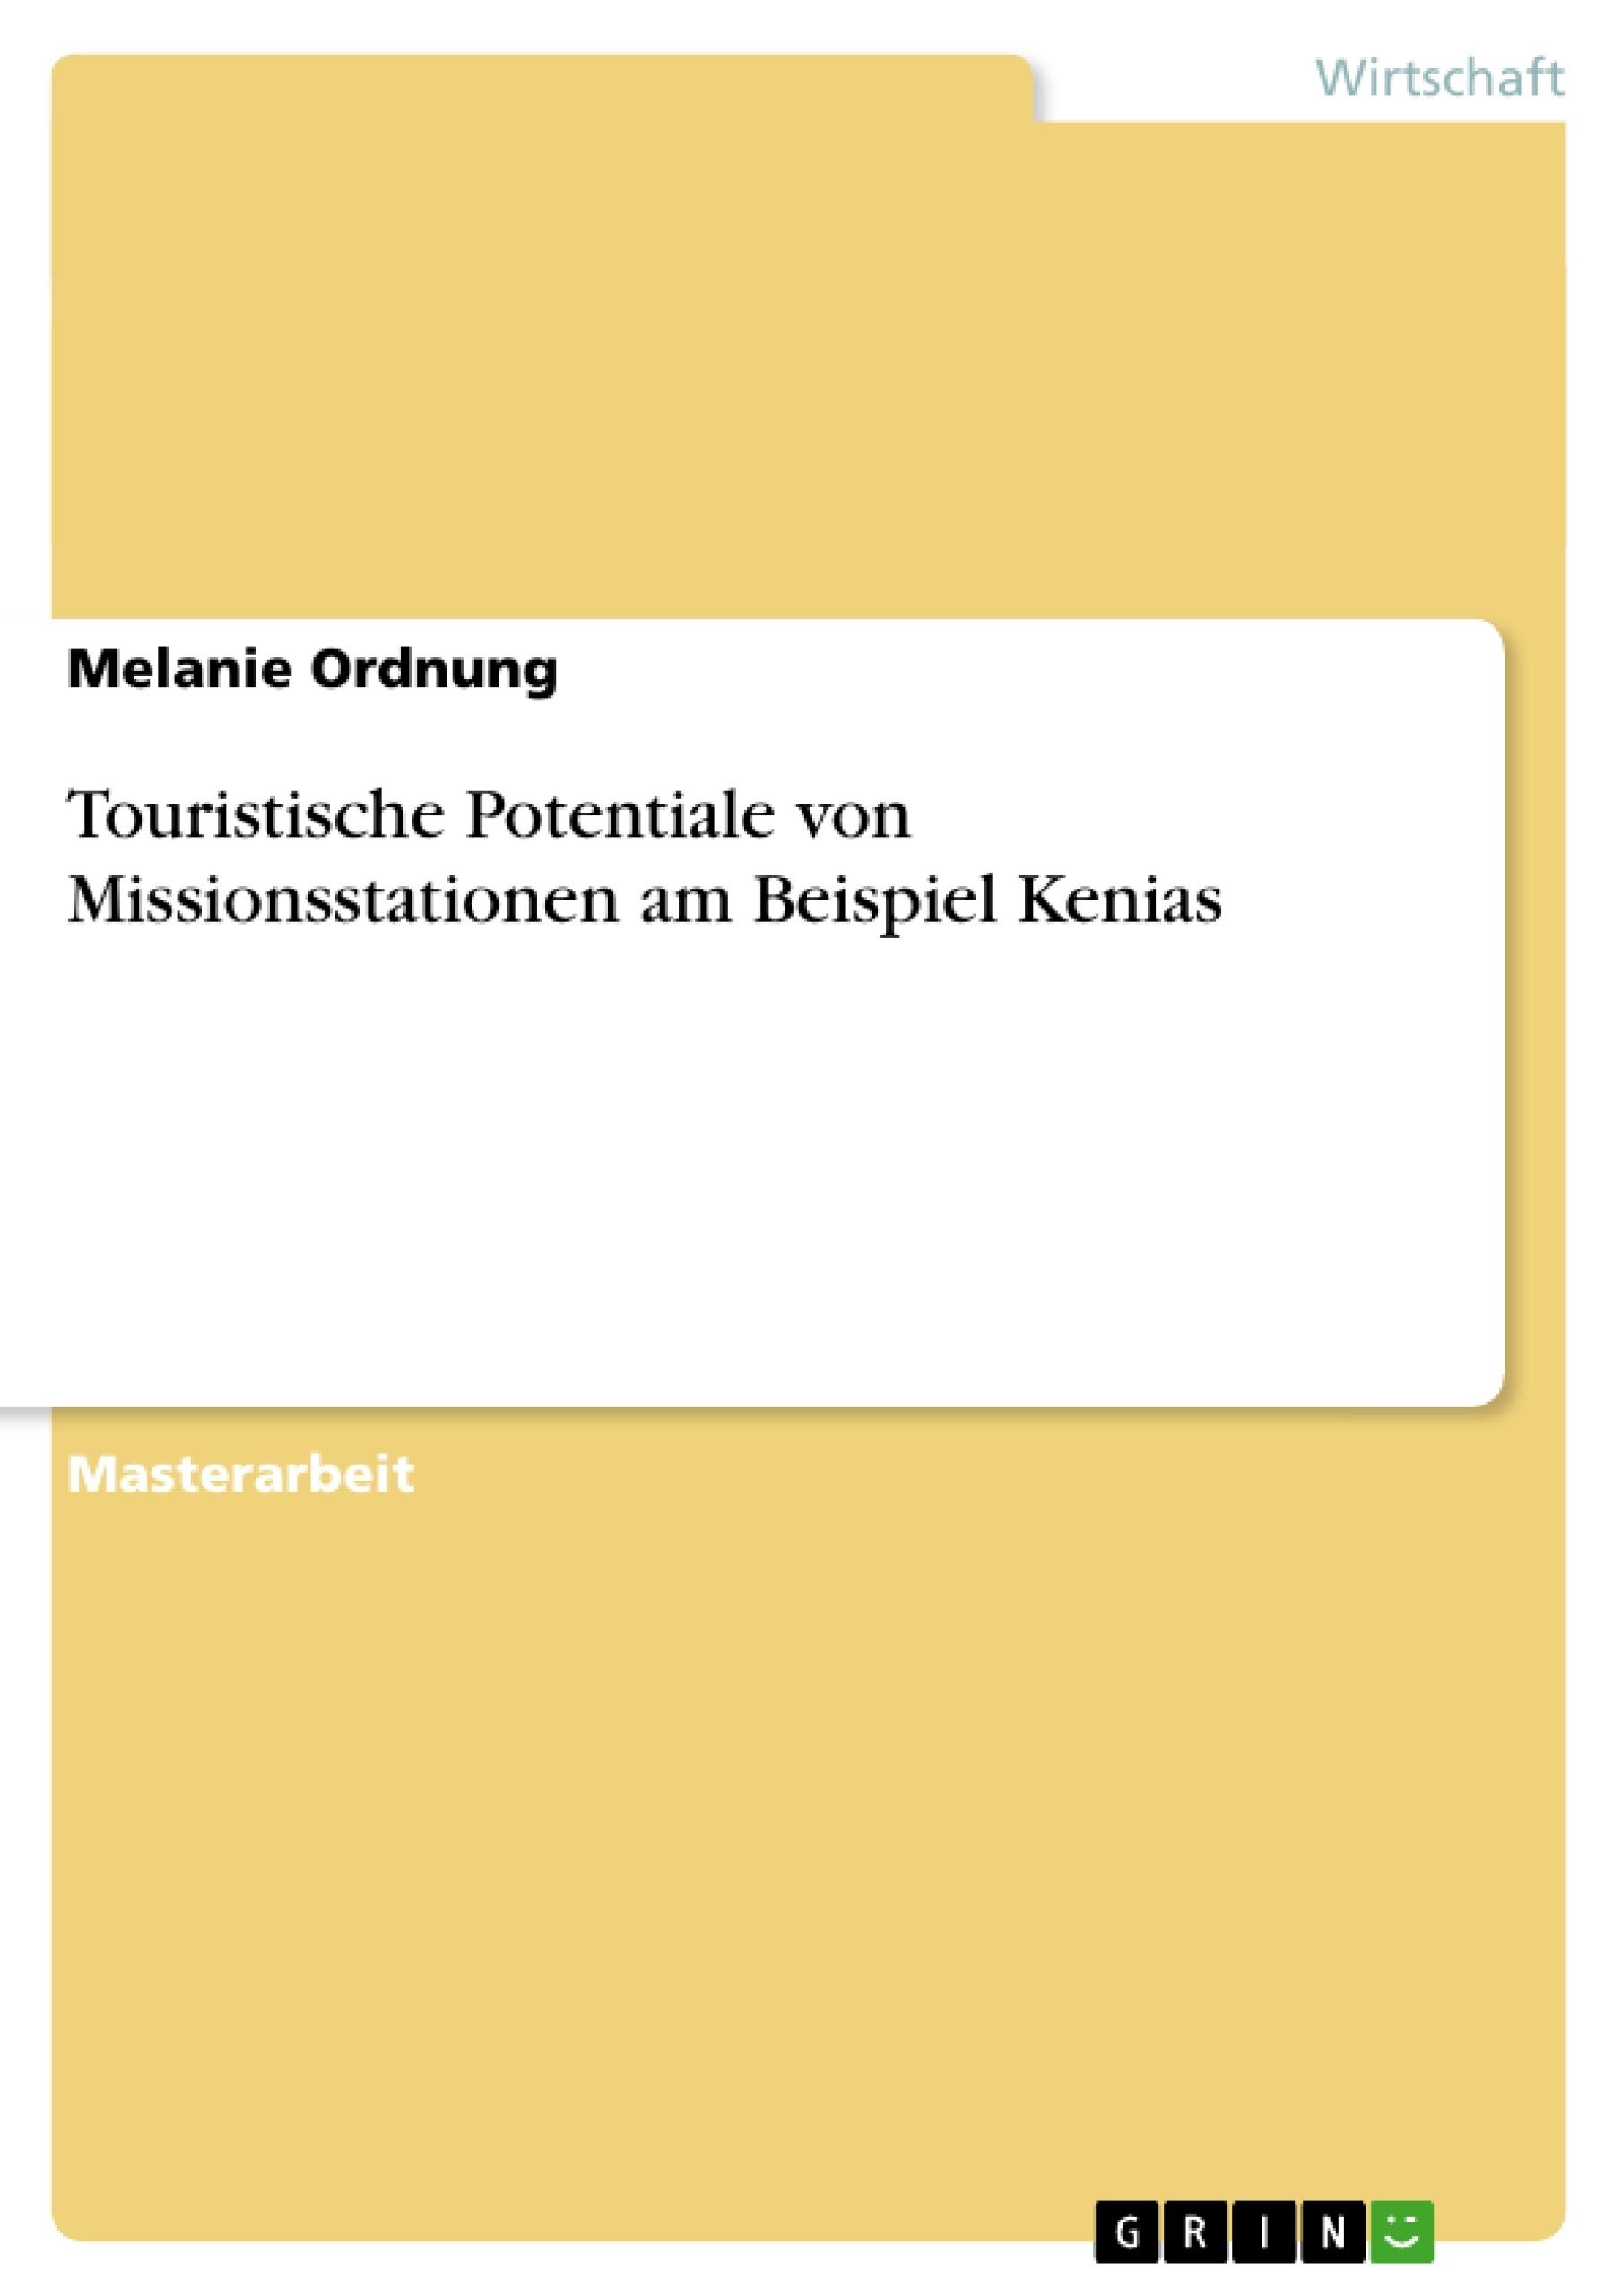 Titel: Touristische Potentiale von Missionsstationen am Beispiel Kenias